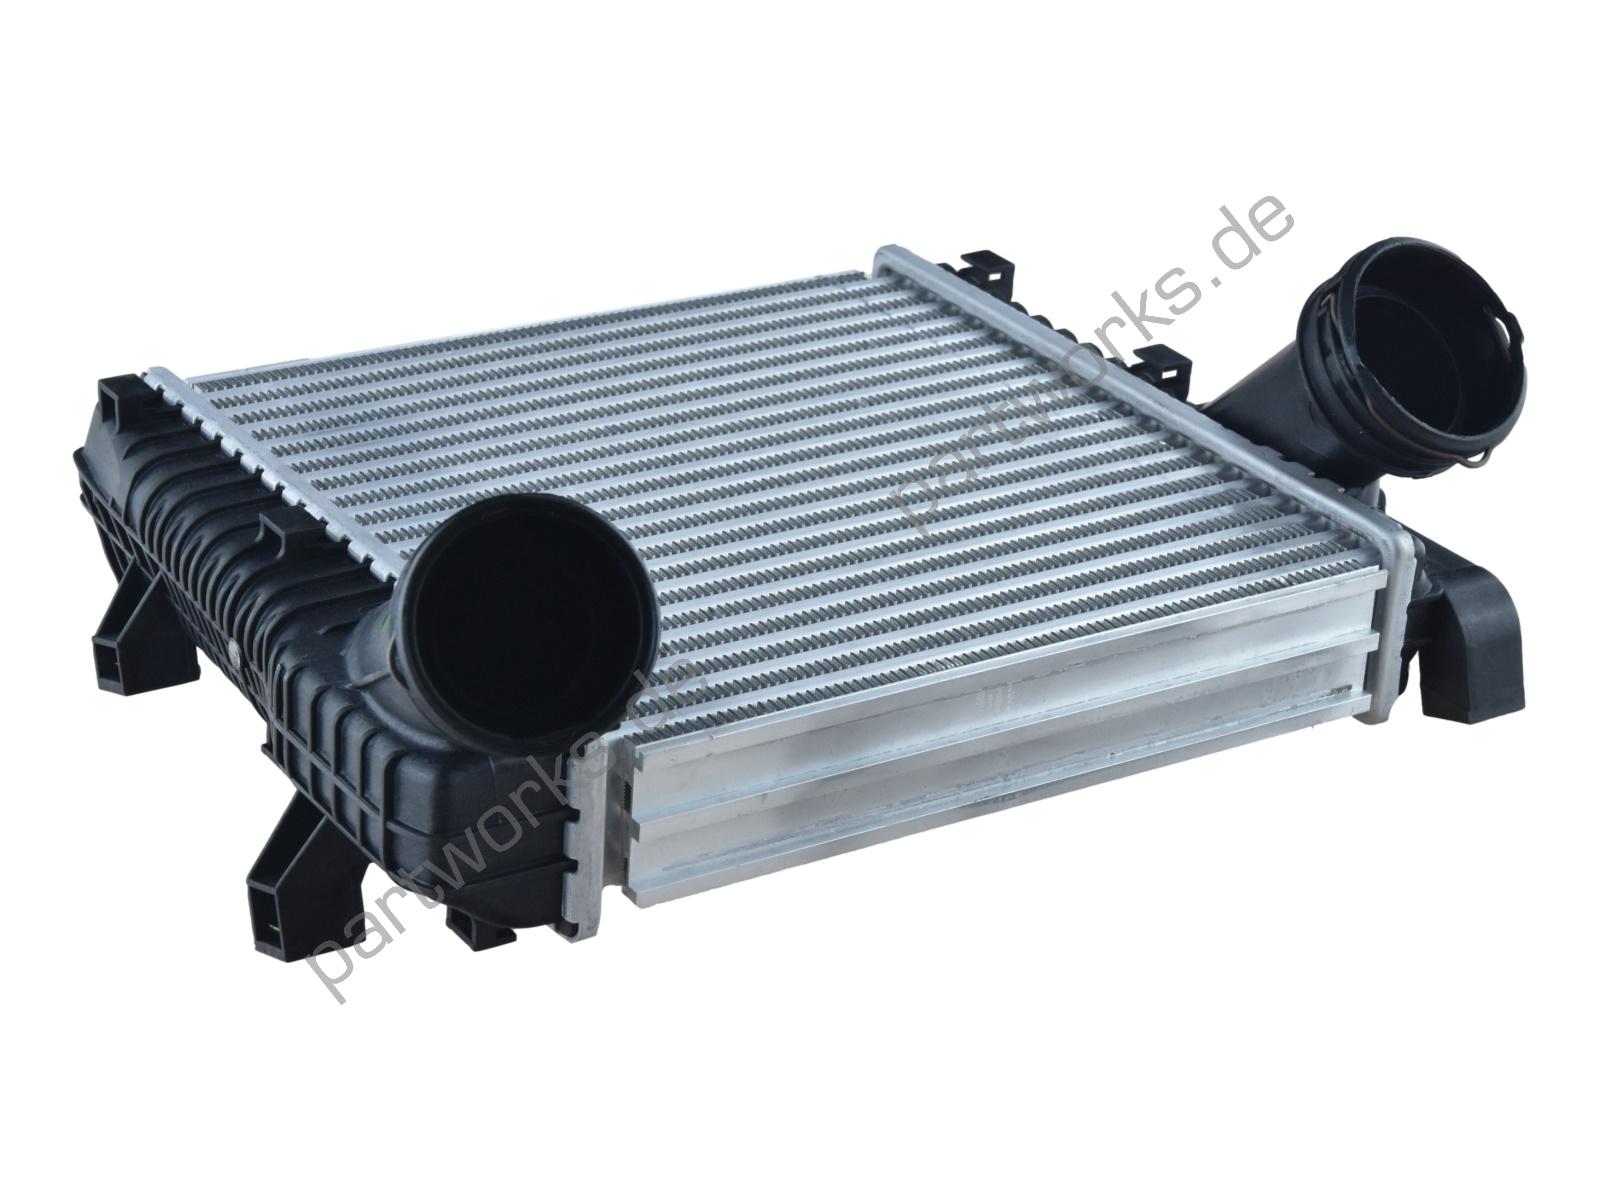 Ladeluftkühler für Porsche Cayenne 955 3.0 Diesel RECHTS